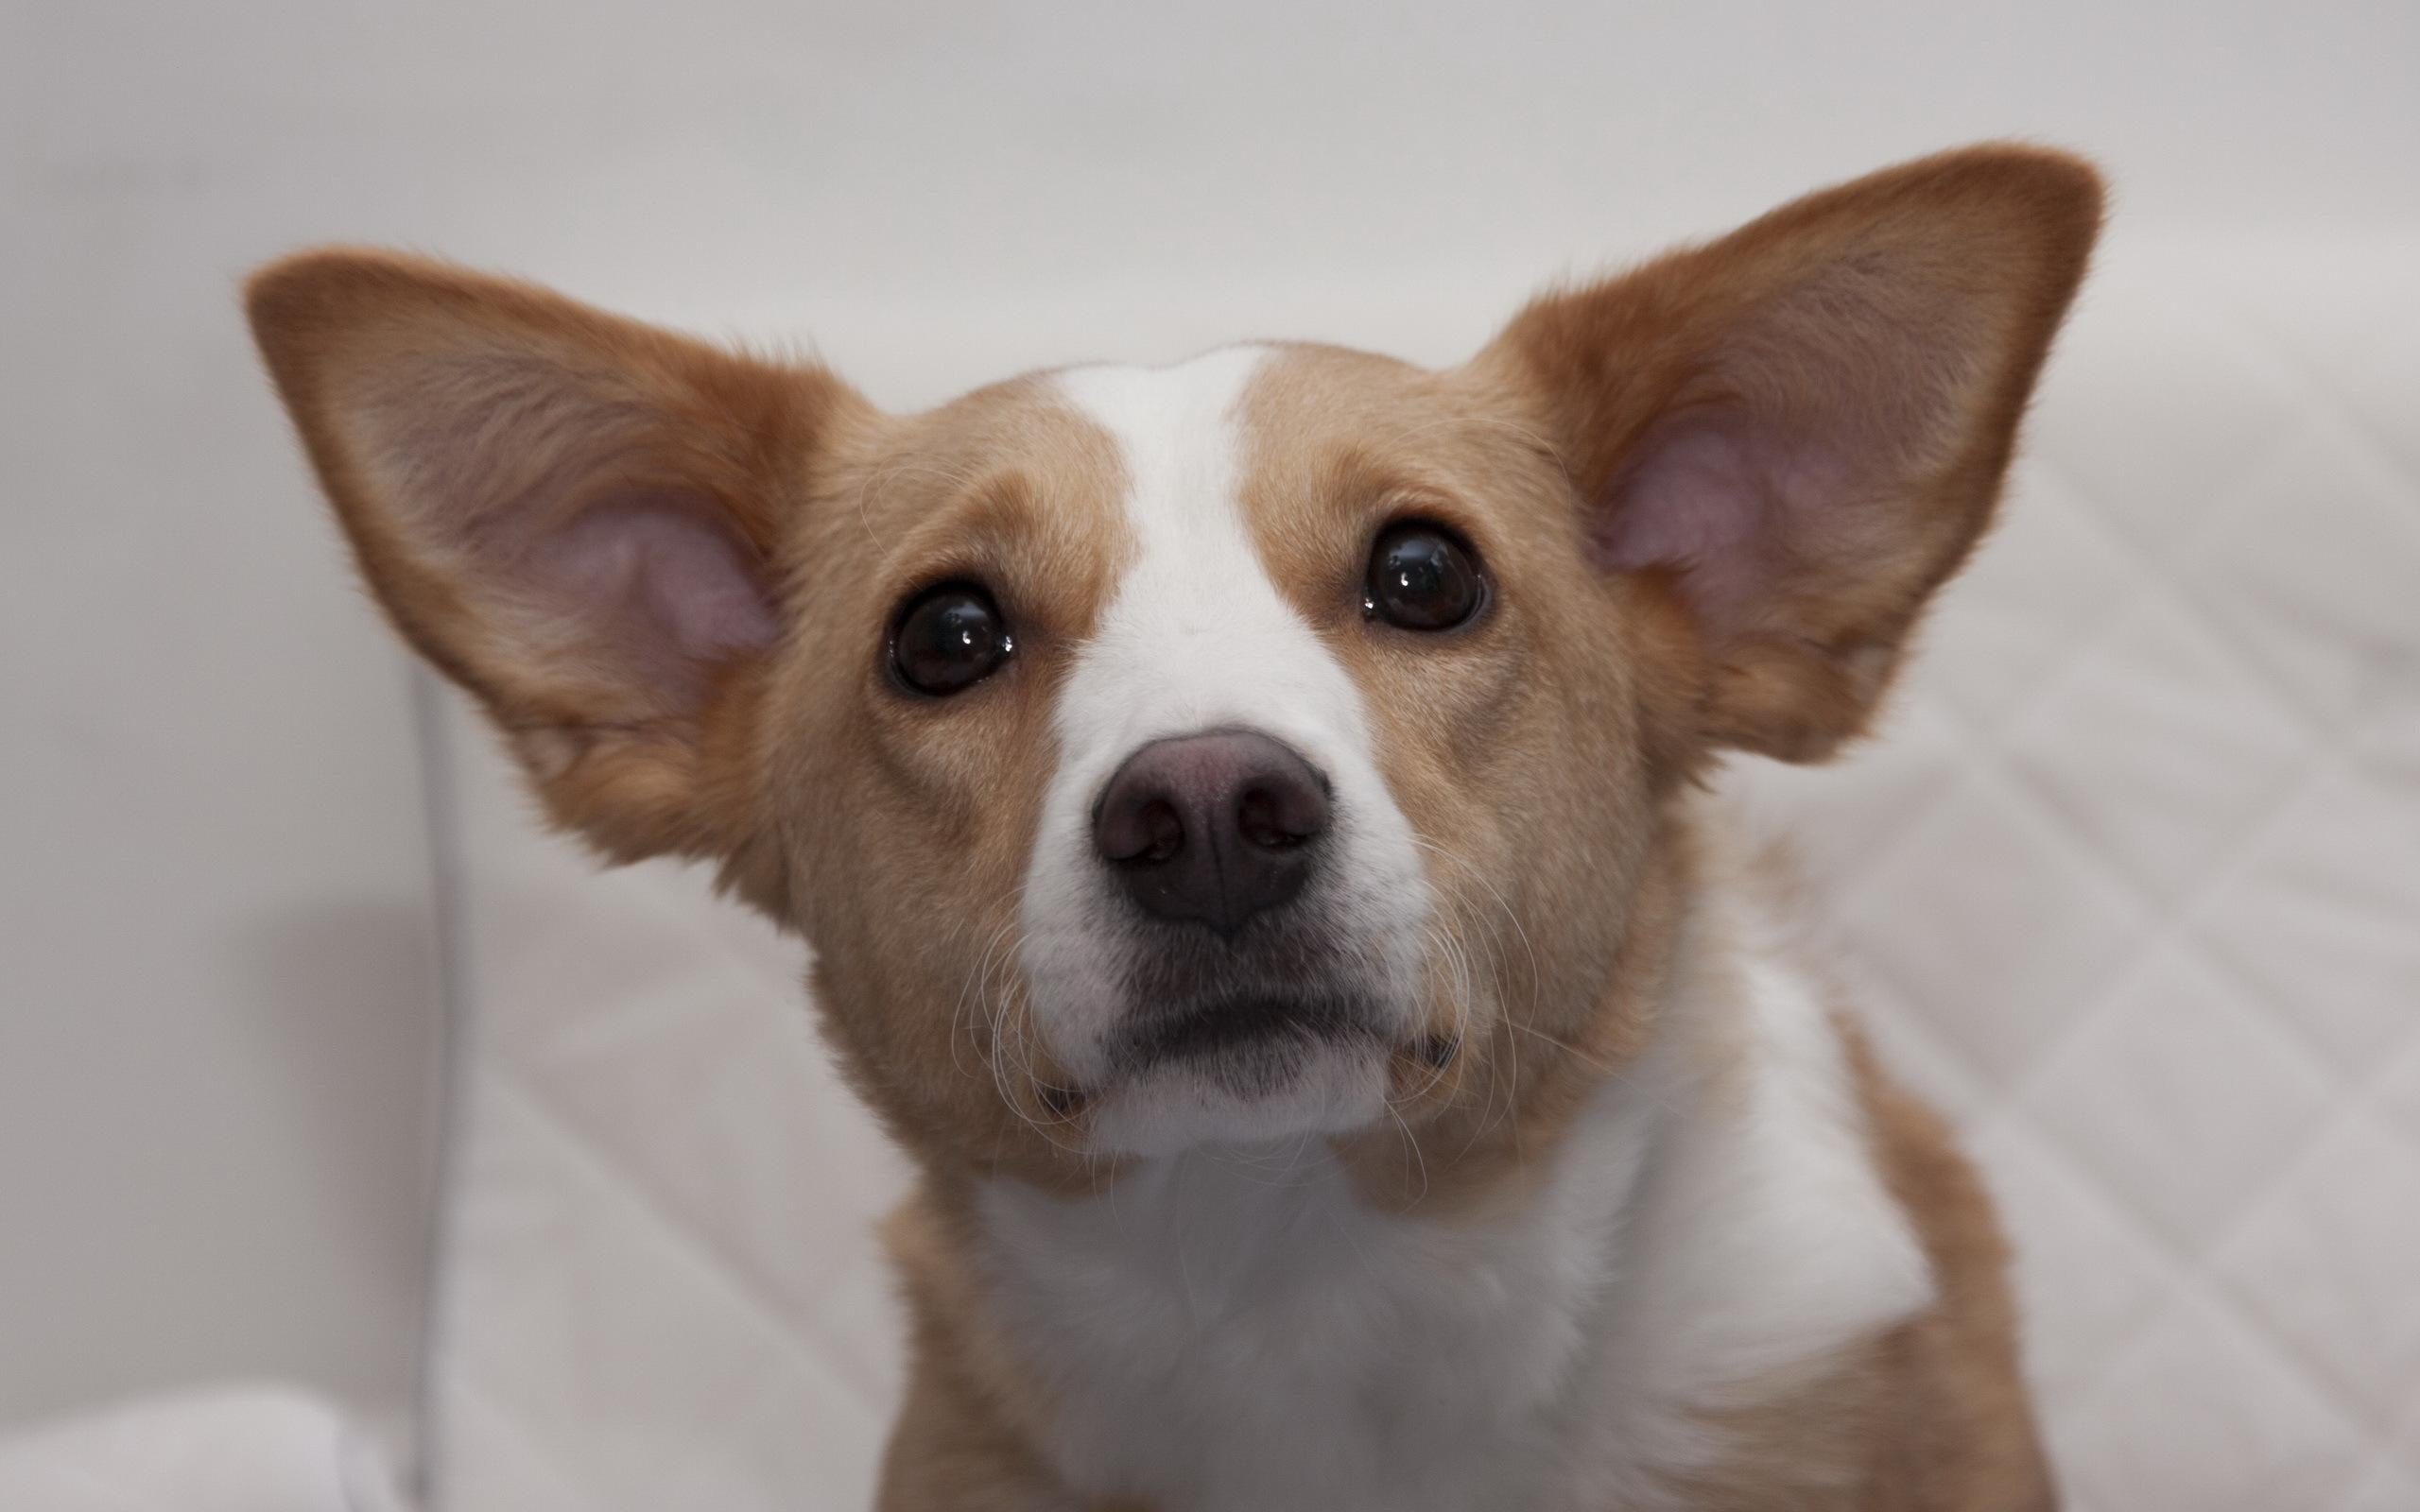 собака мордочка уши  № 1069385 бесплатно